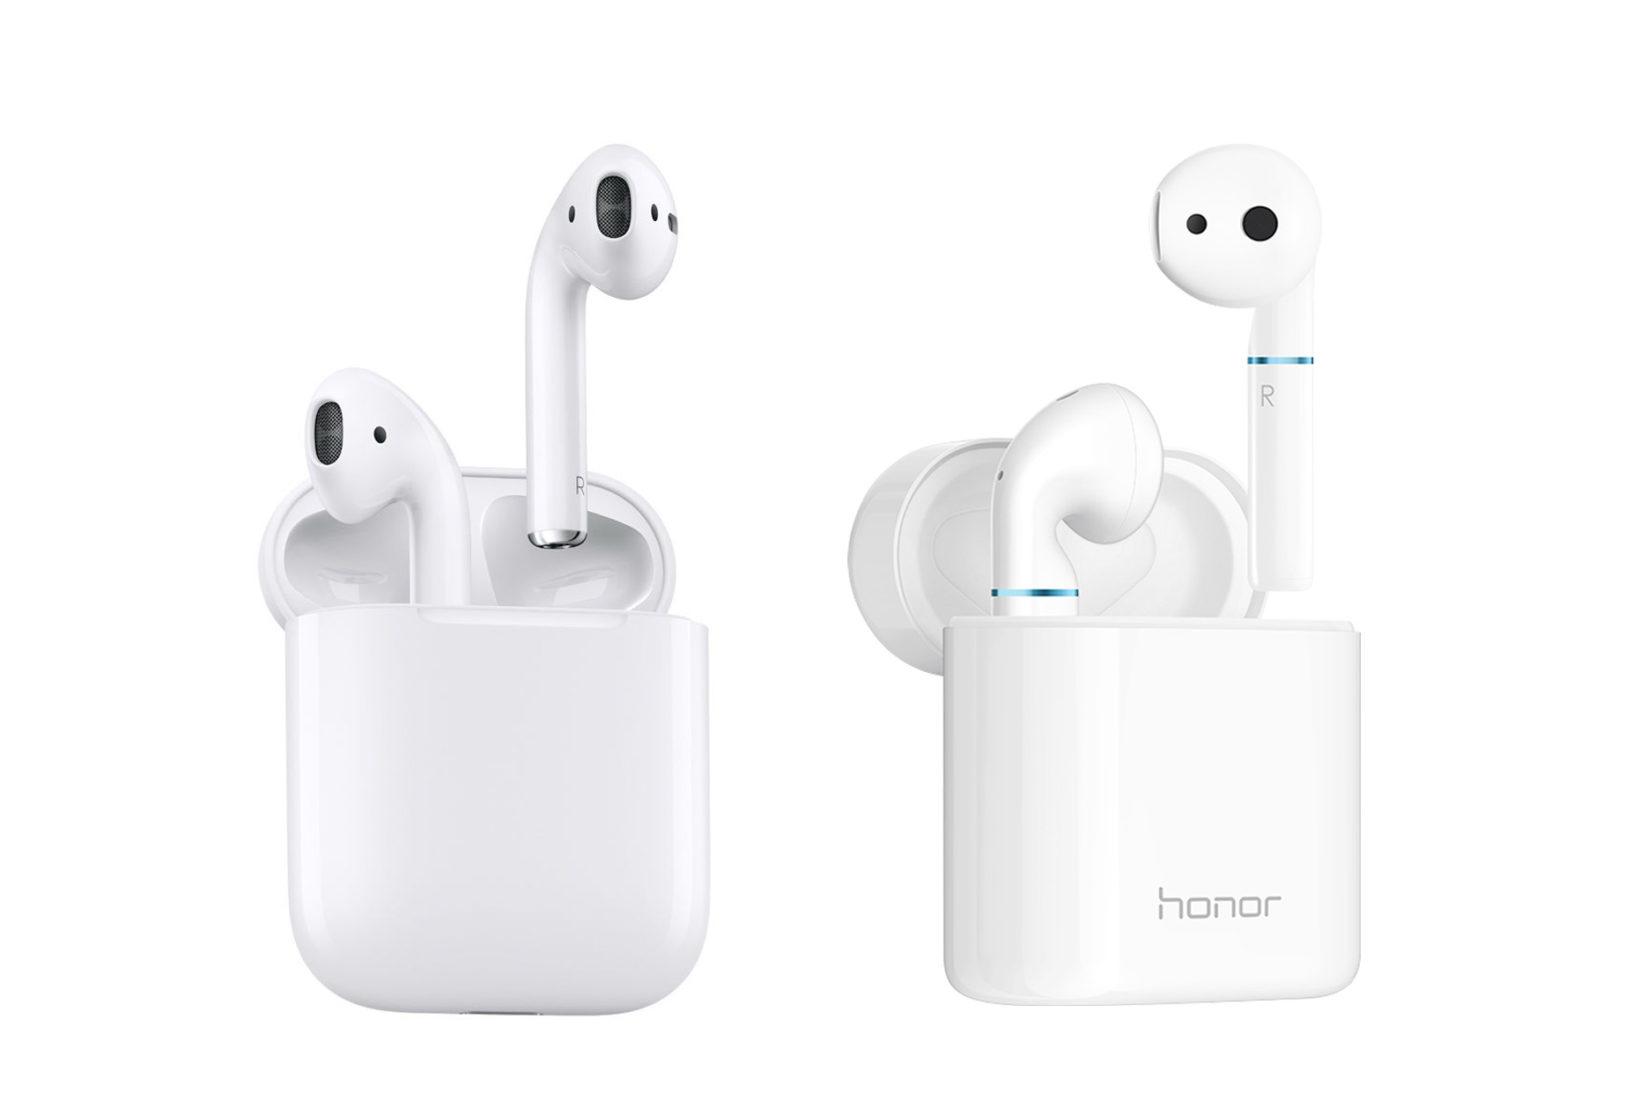 HUAWEI Honor FlyPods, le dirette rivali della Apple AirPods in prevendita a 106 euro